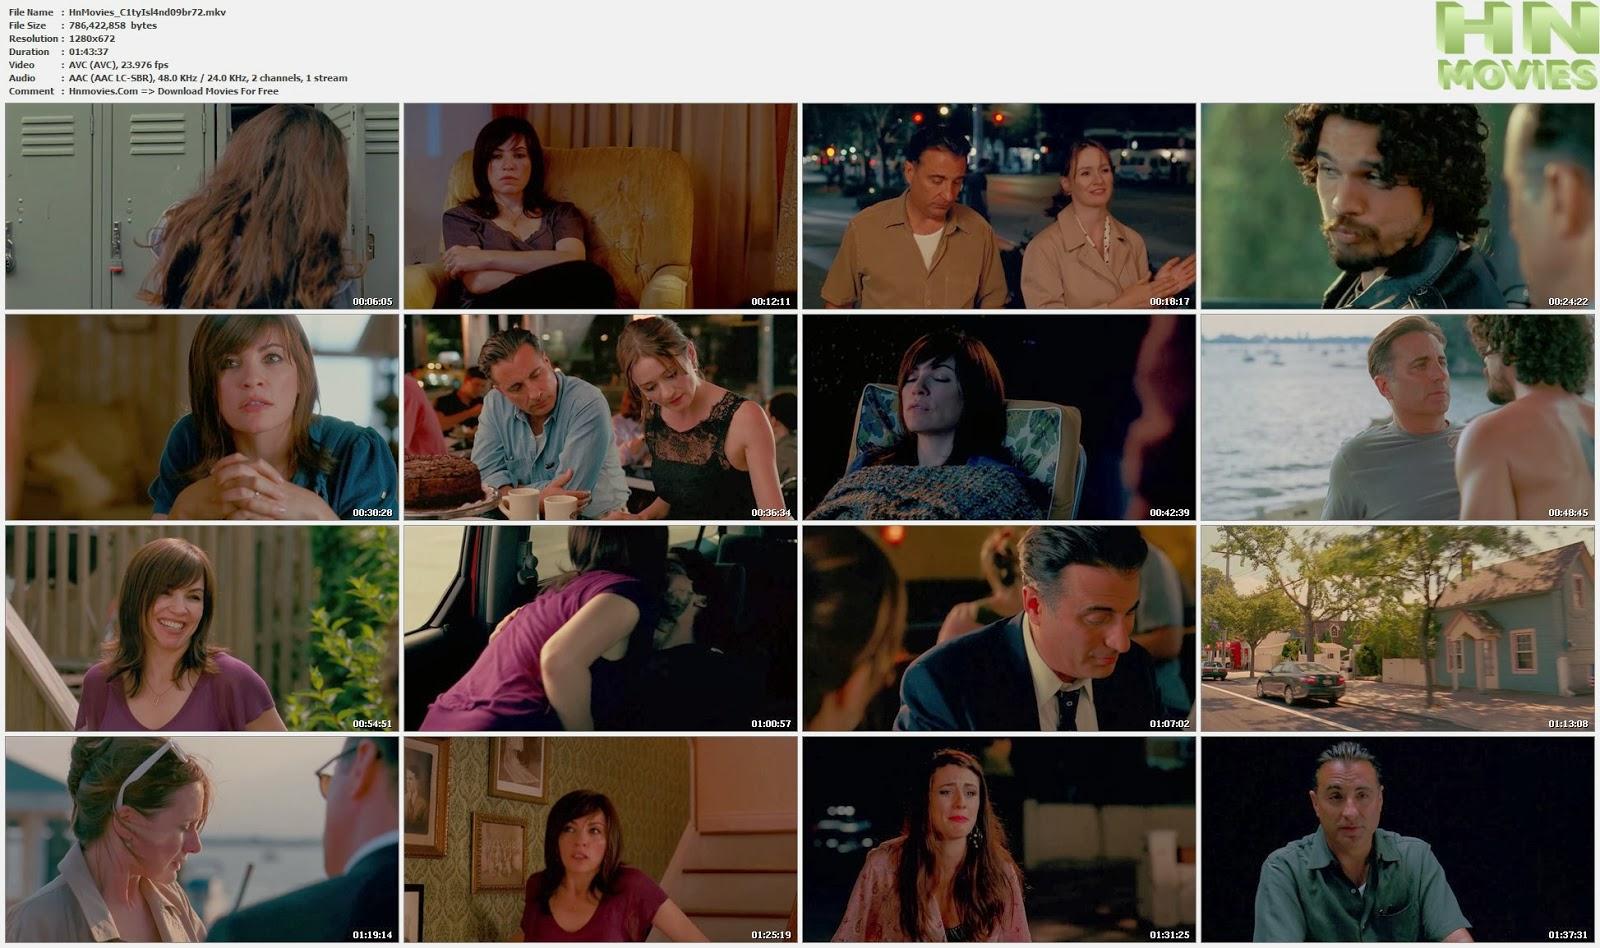 movie screenshot of City Island fdmovie.com